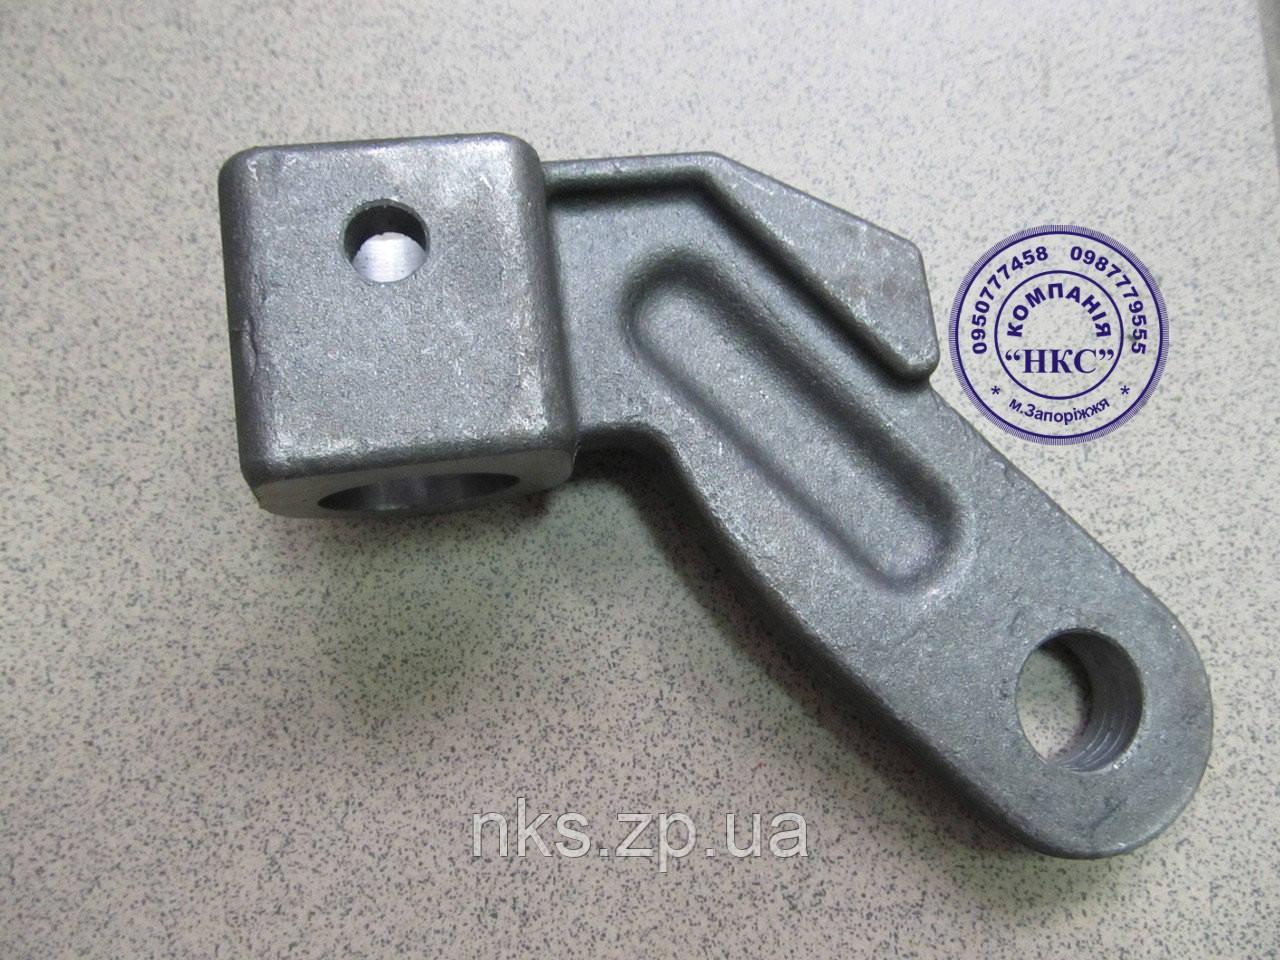 Кронштейн головки кованный Z-169.